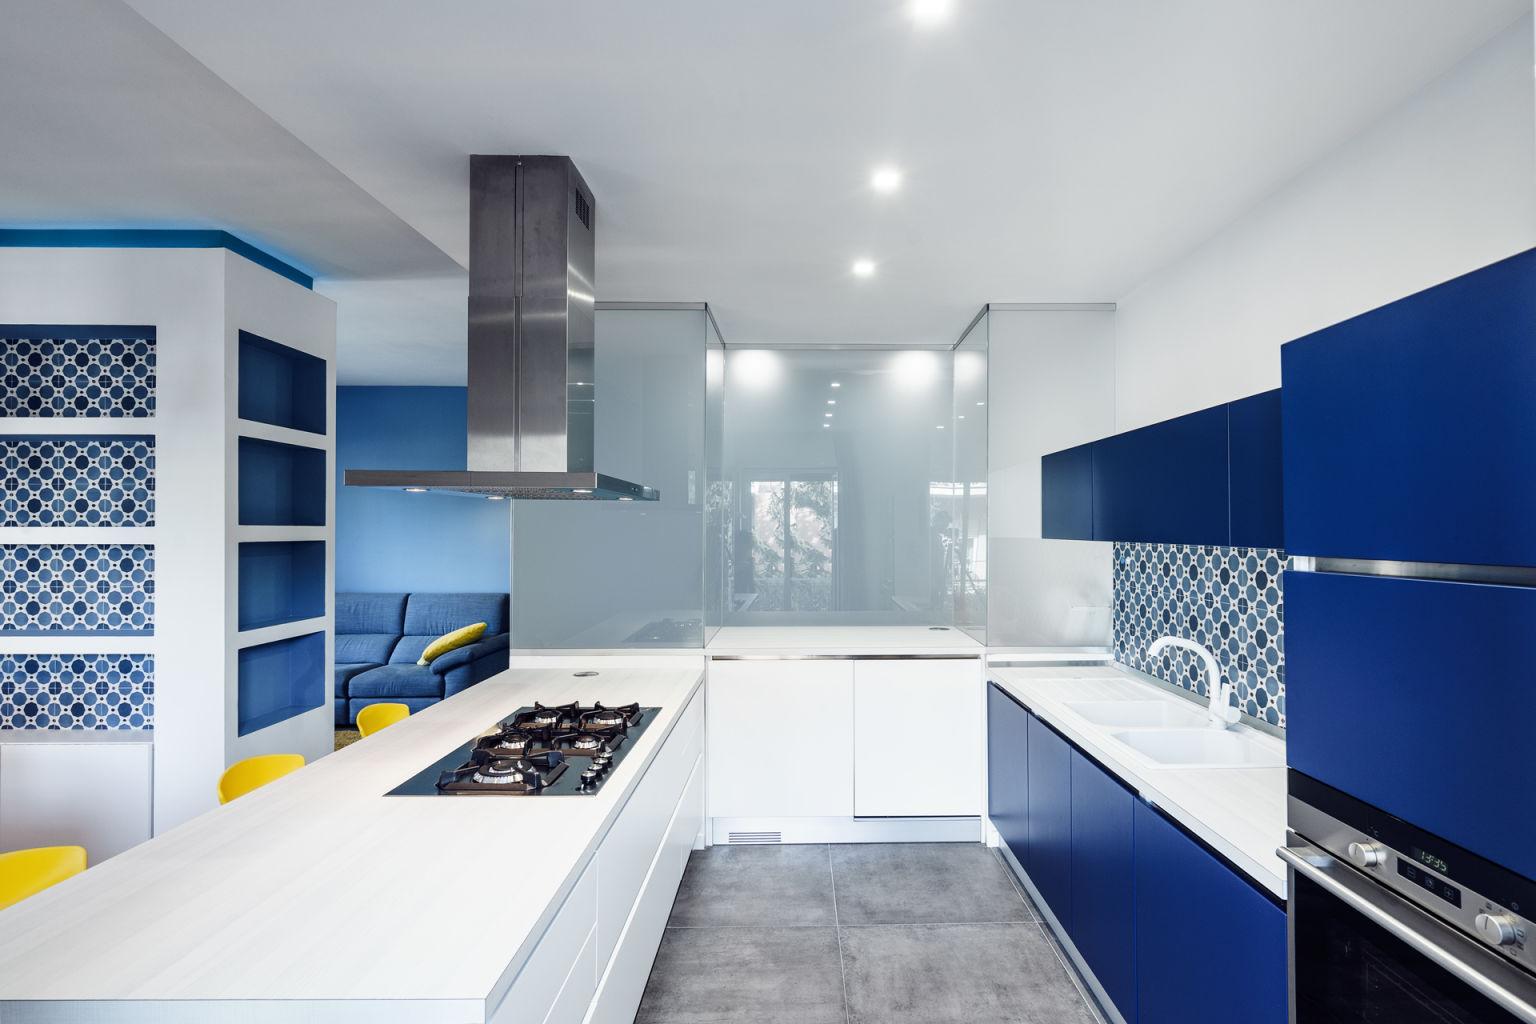 Сине-белая кухня с желтыми стульями